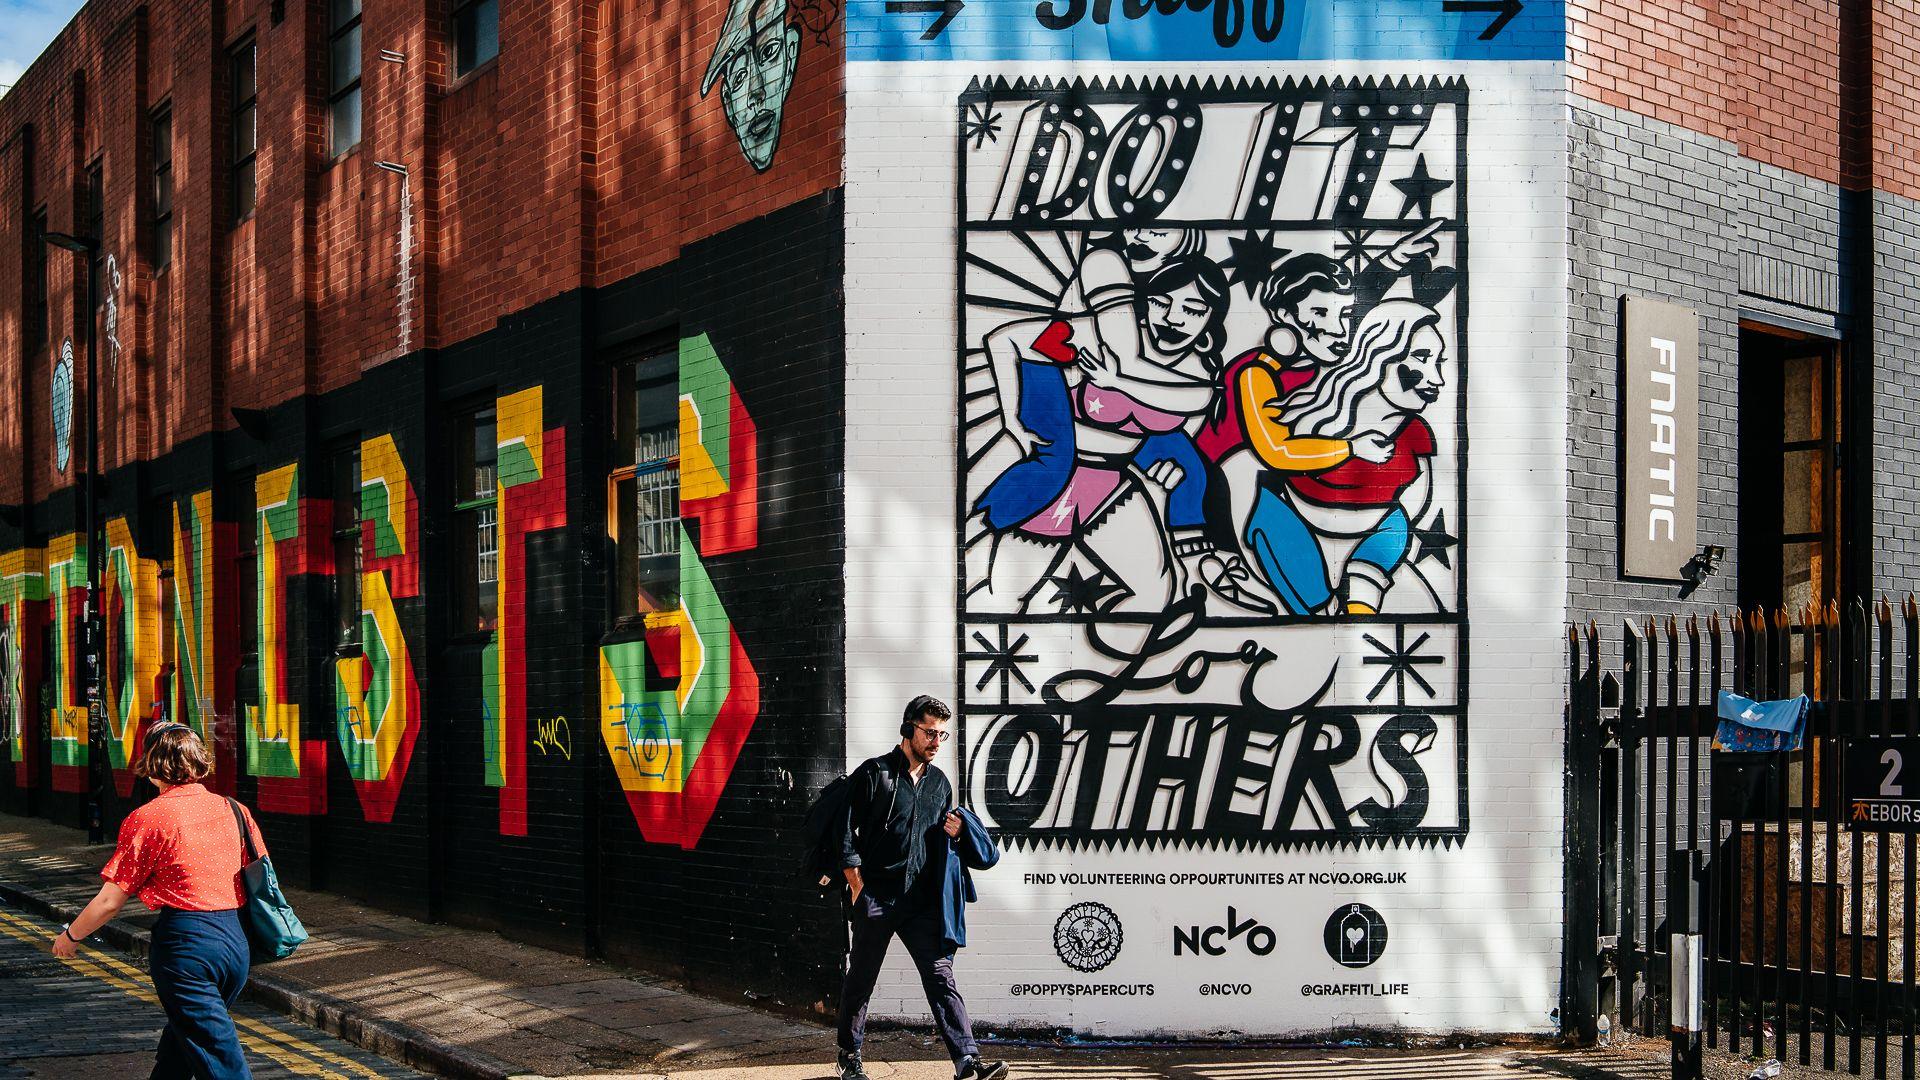 สตรีทอาร์ตในลอนดอนชวนคนเป็นอาสาสมัครด้วยศิลปะตัดกระดาษ